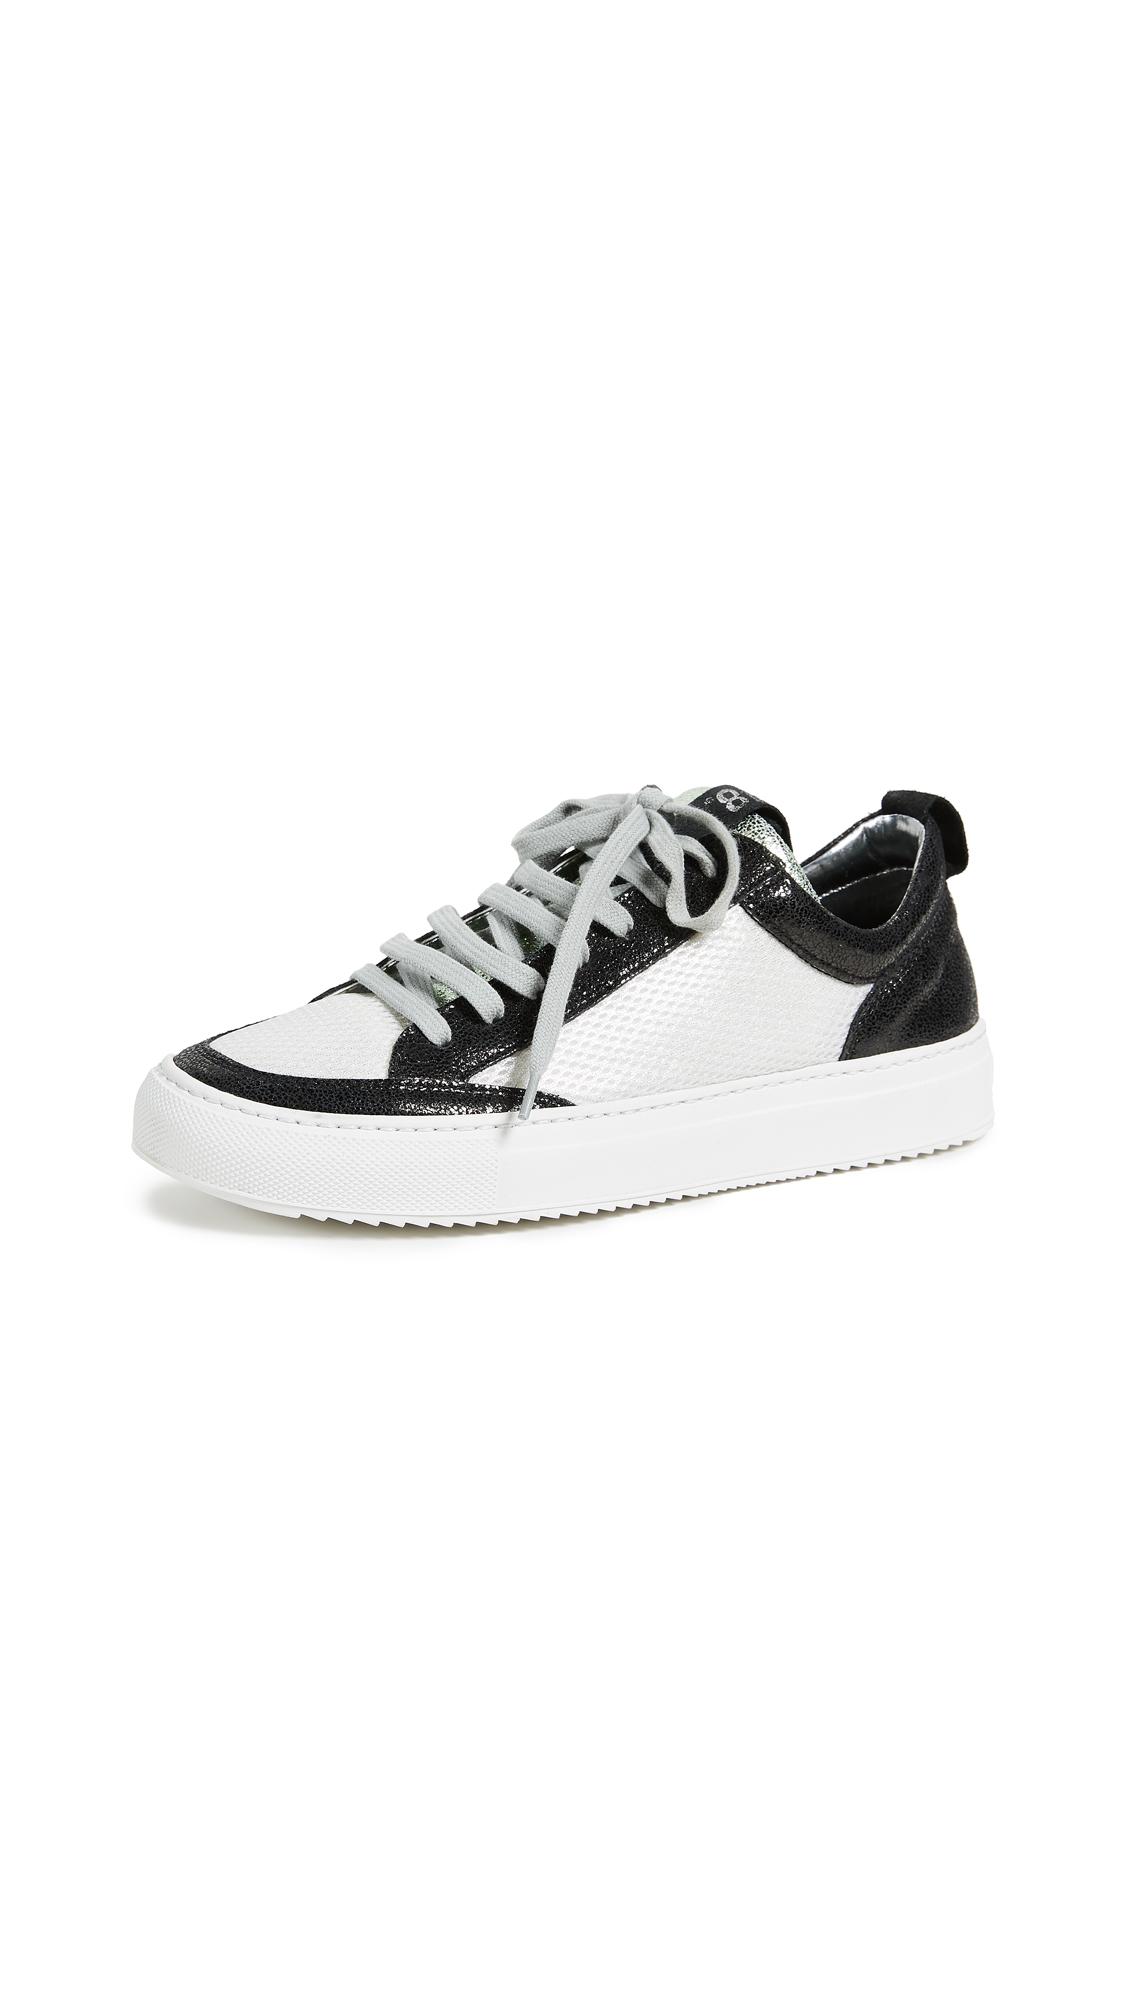 P448 Soho Sneakers - White Gl Tec